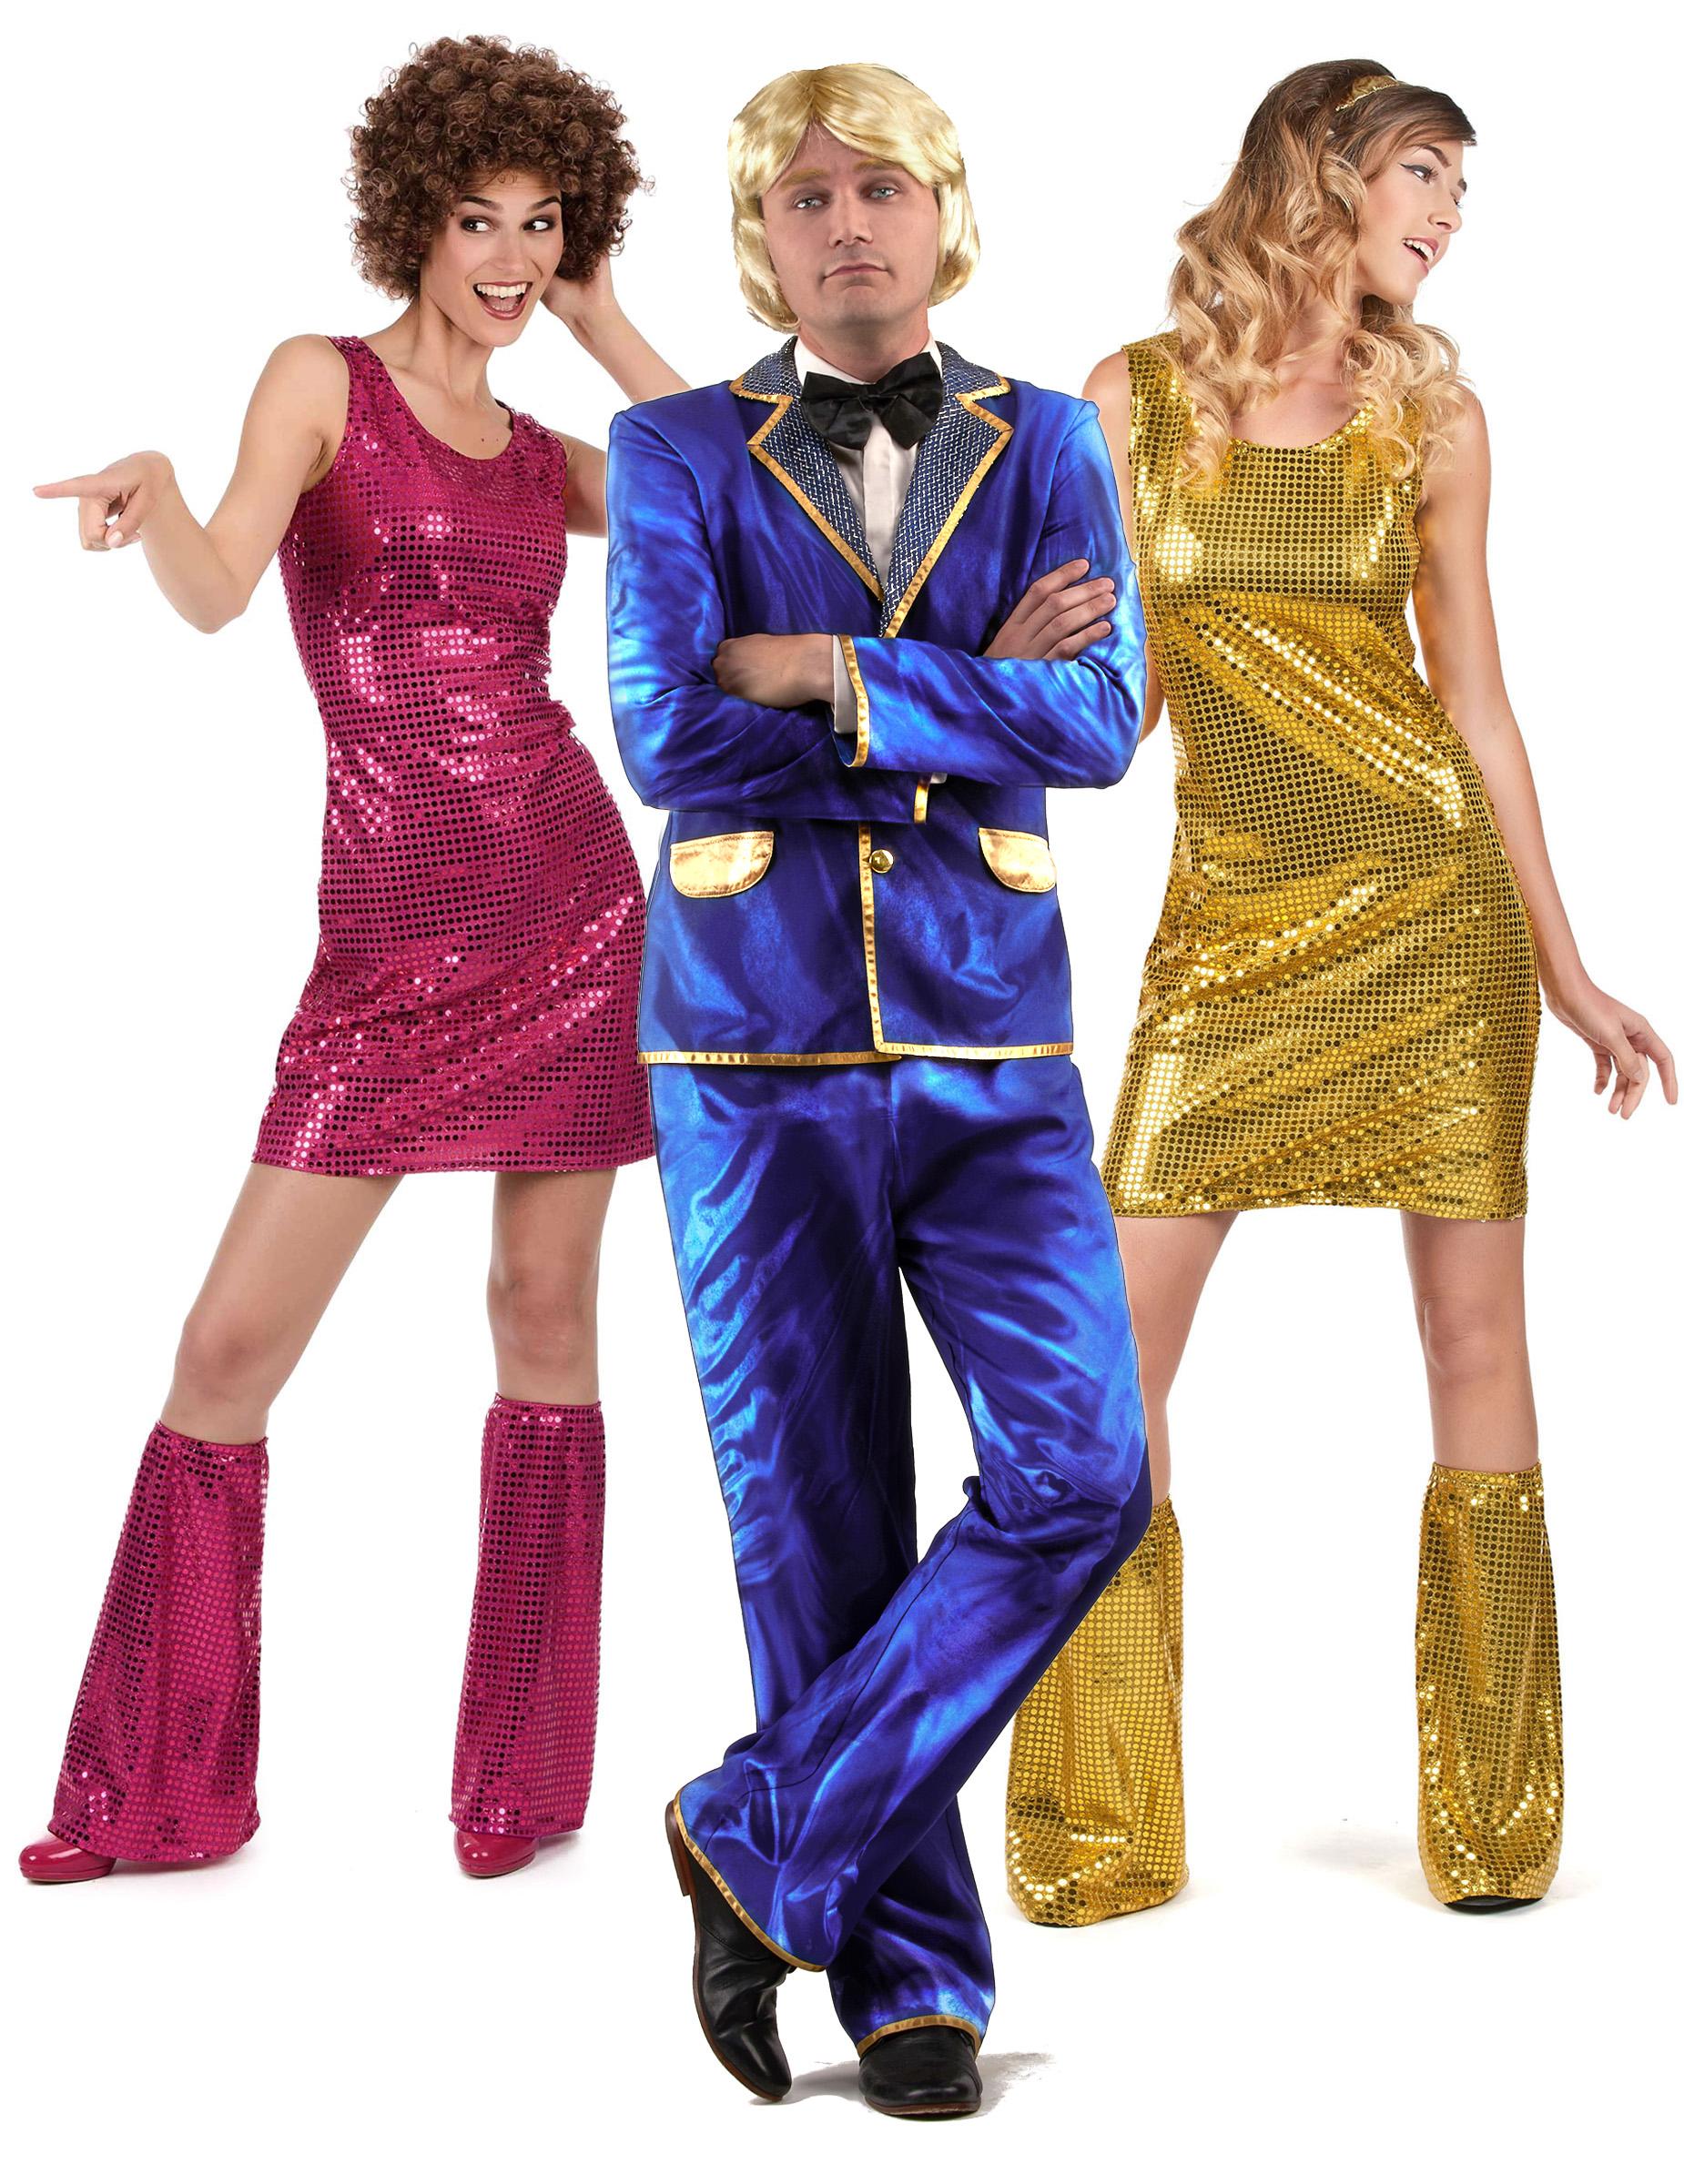 70er jahre disco gruppenkost m s nger und t nzerinnen pink blau gold g nstige faschings. Black Bedroom Furniture Sets. Home Design Ideas